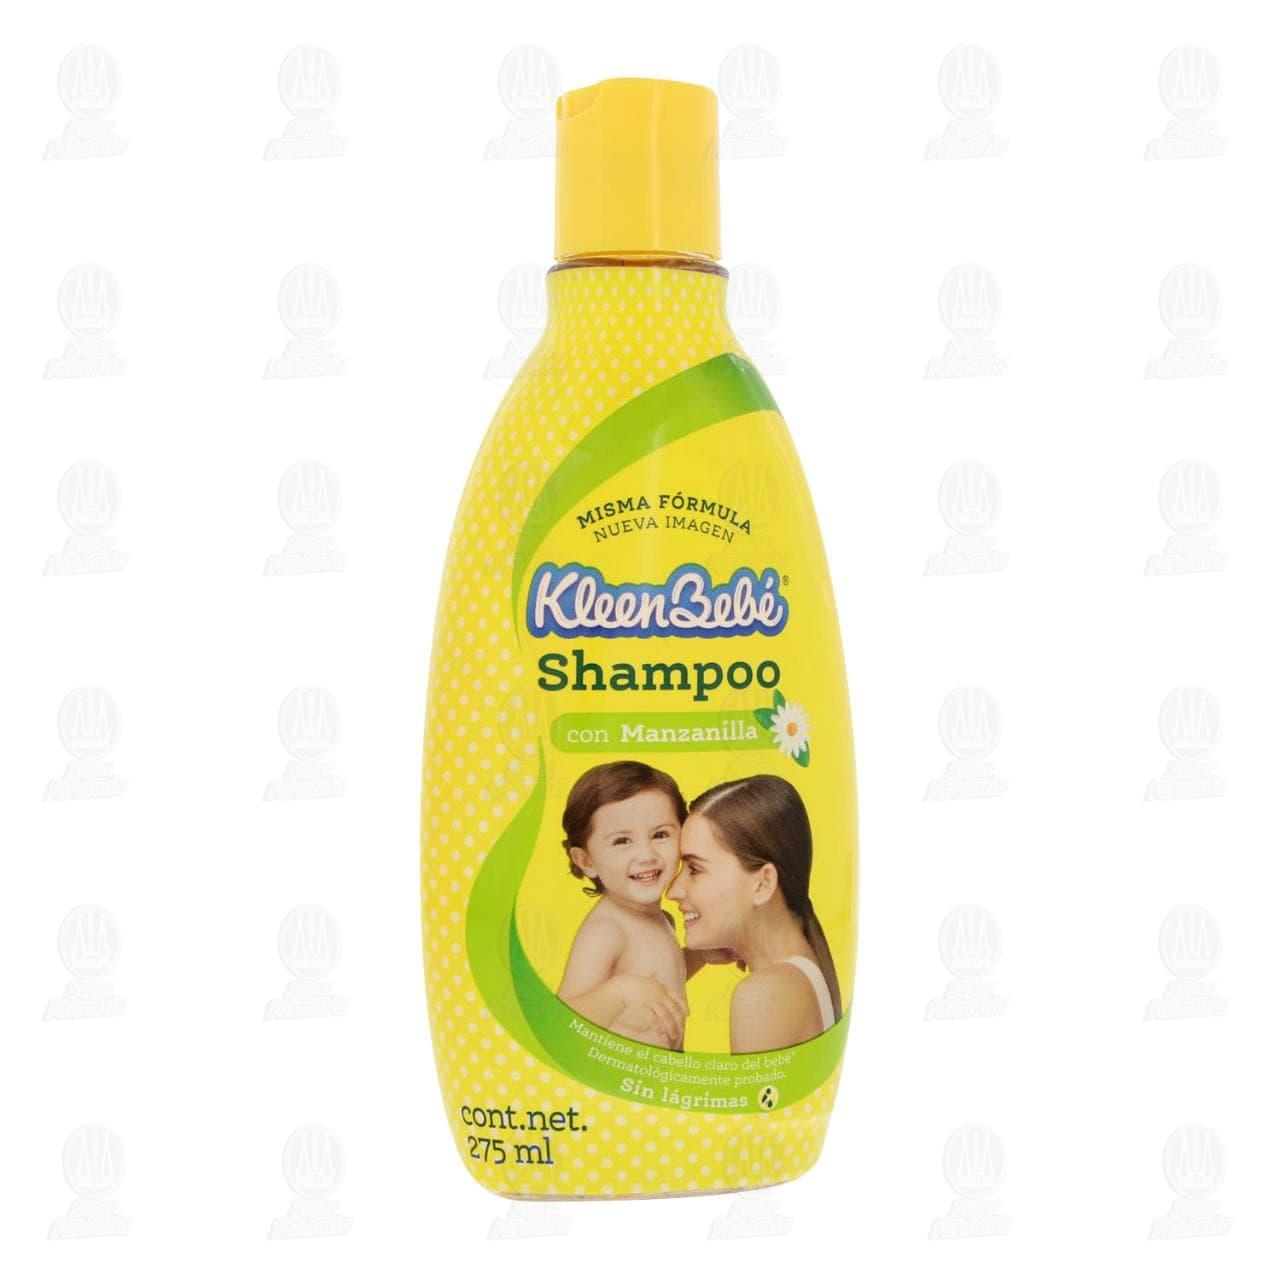 Shampoo para Bebé Kleen Bebé con Manzanilla y Aloe 275 ml.